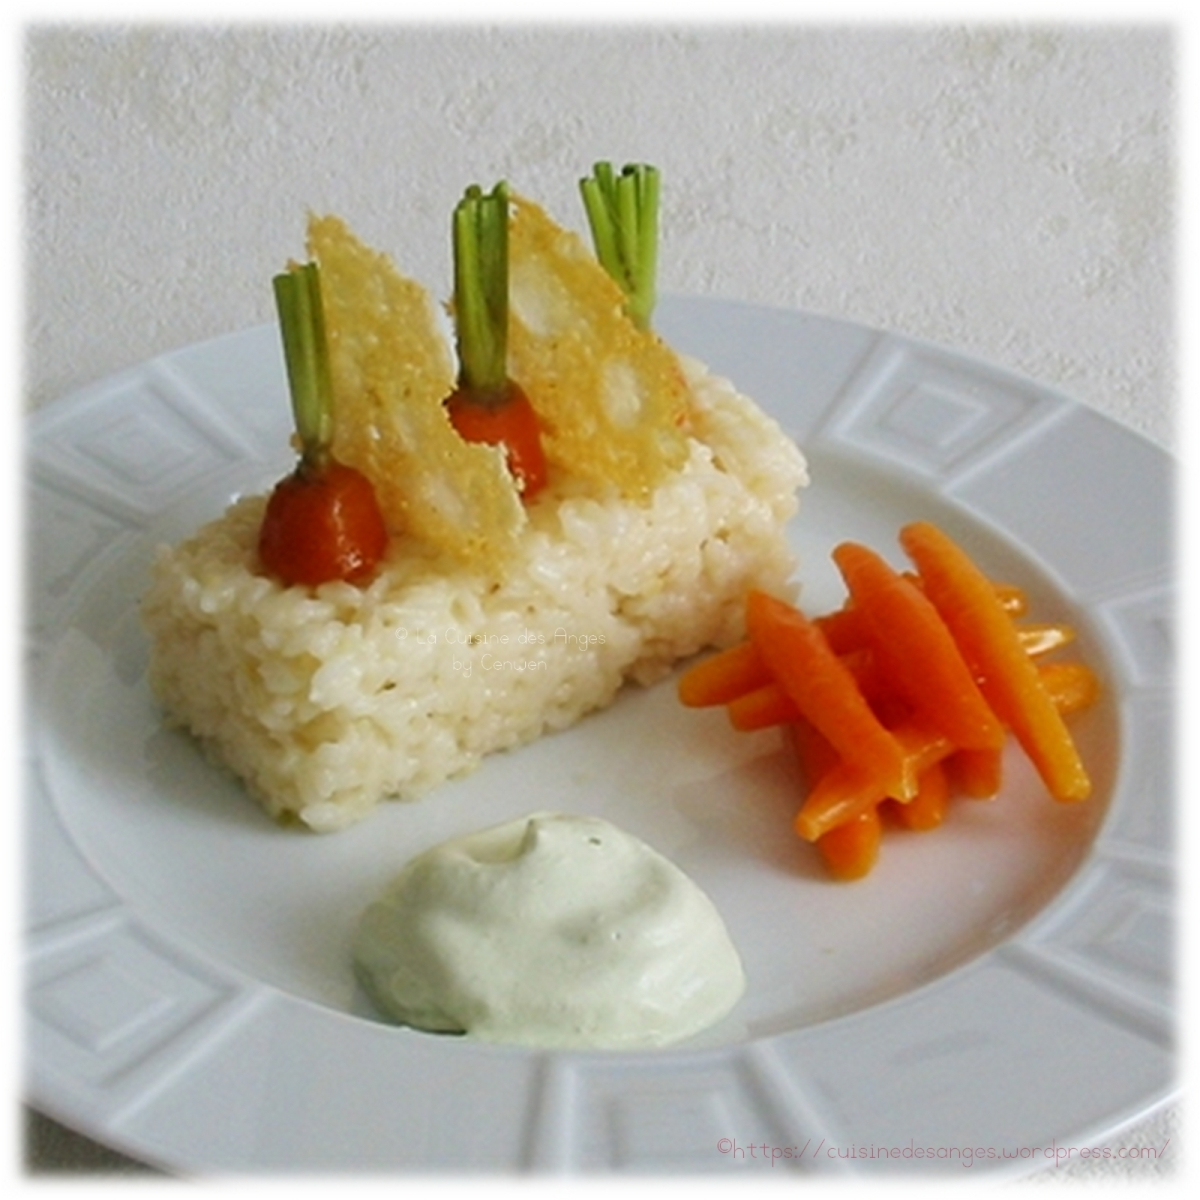 carottes tourn es et glac es risotto au parmesan la. Black Bedroom Furniture Sets. Home Design Ideas